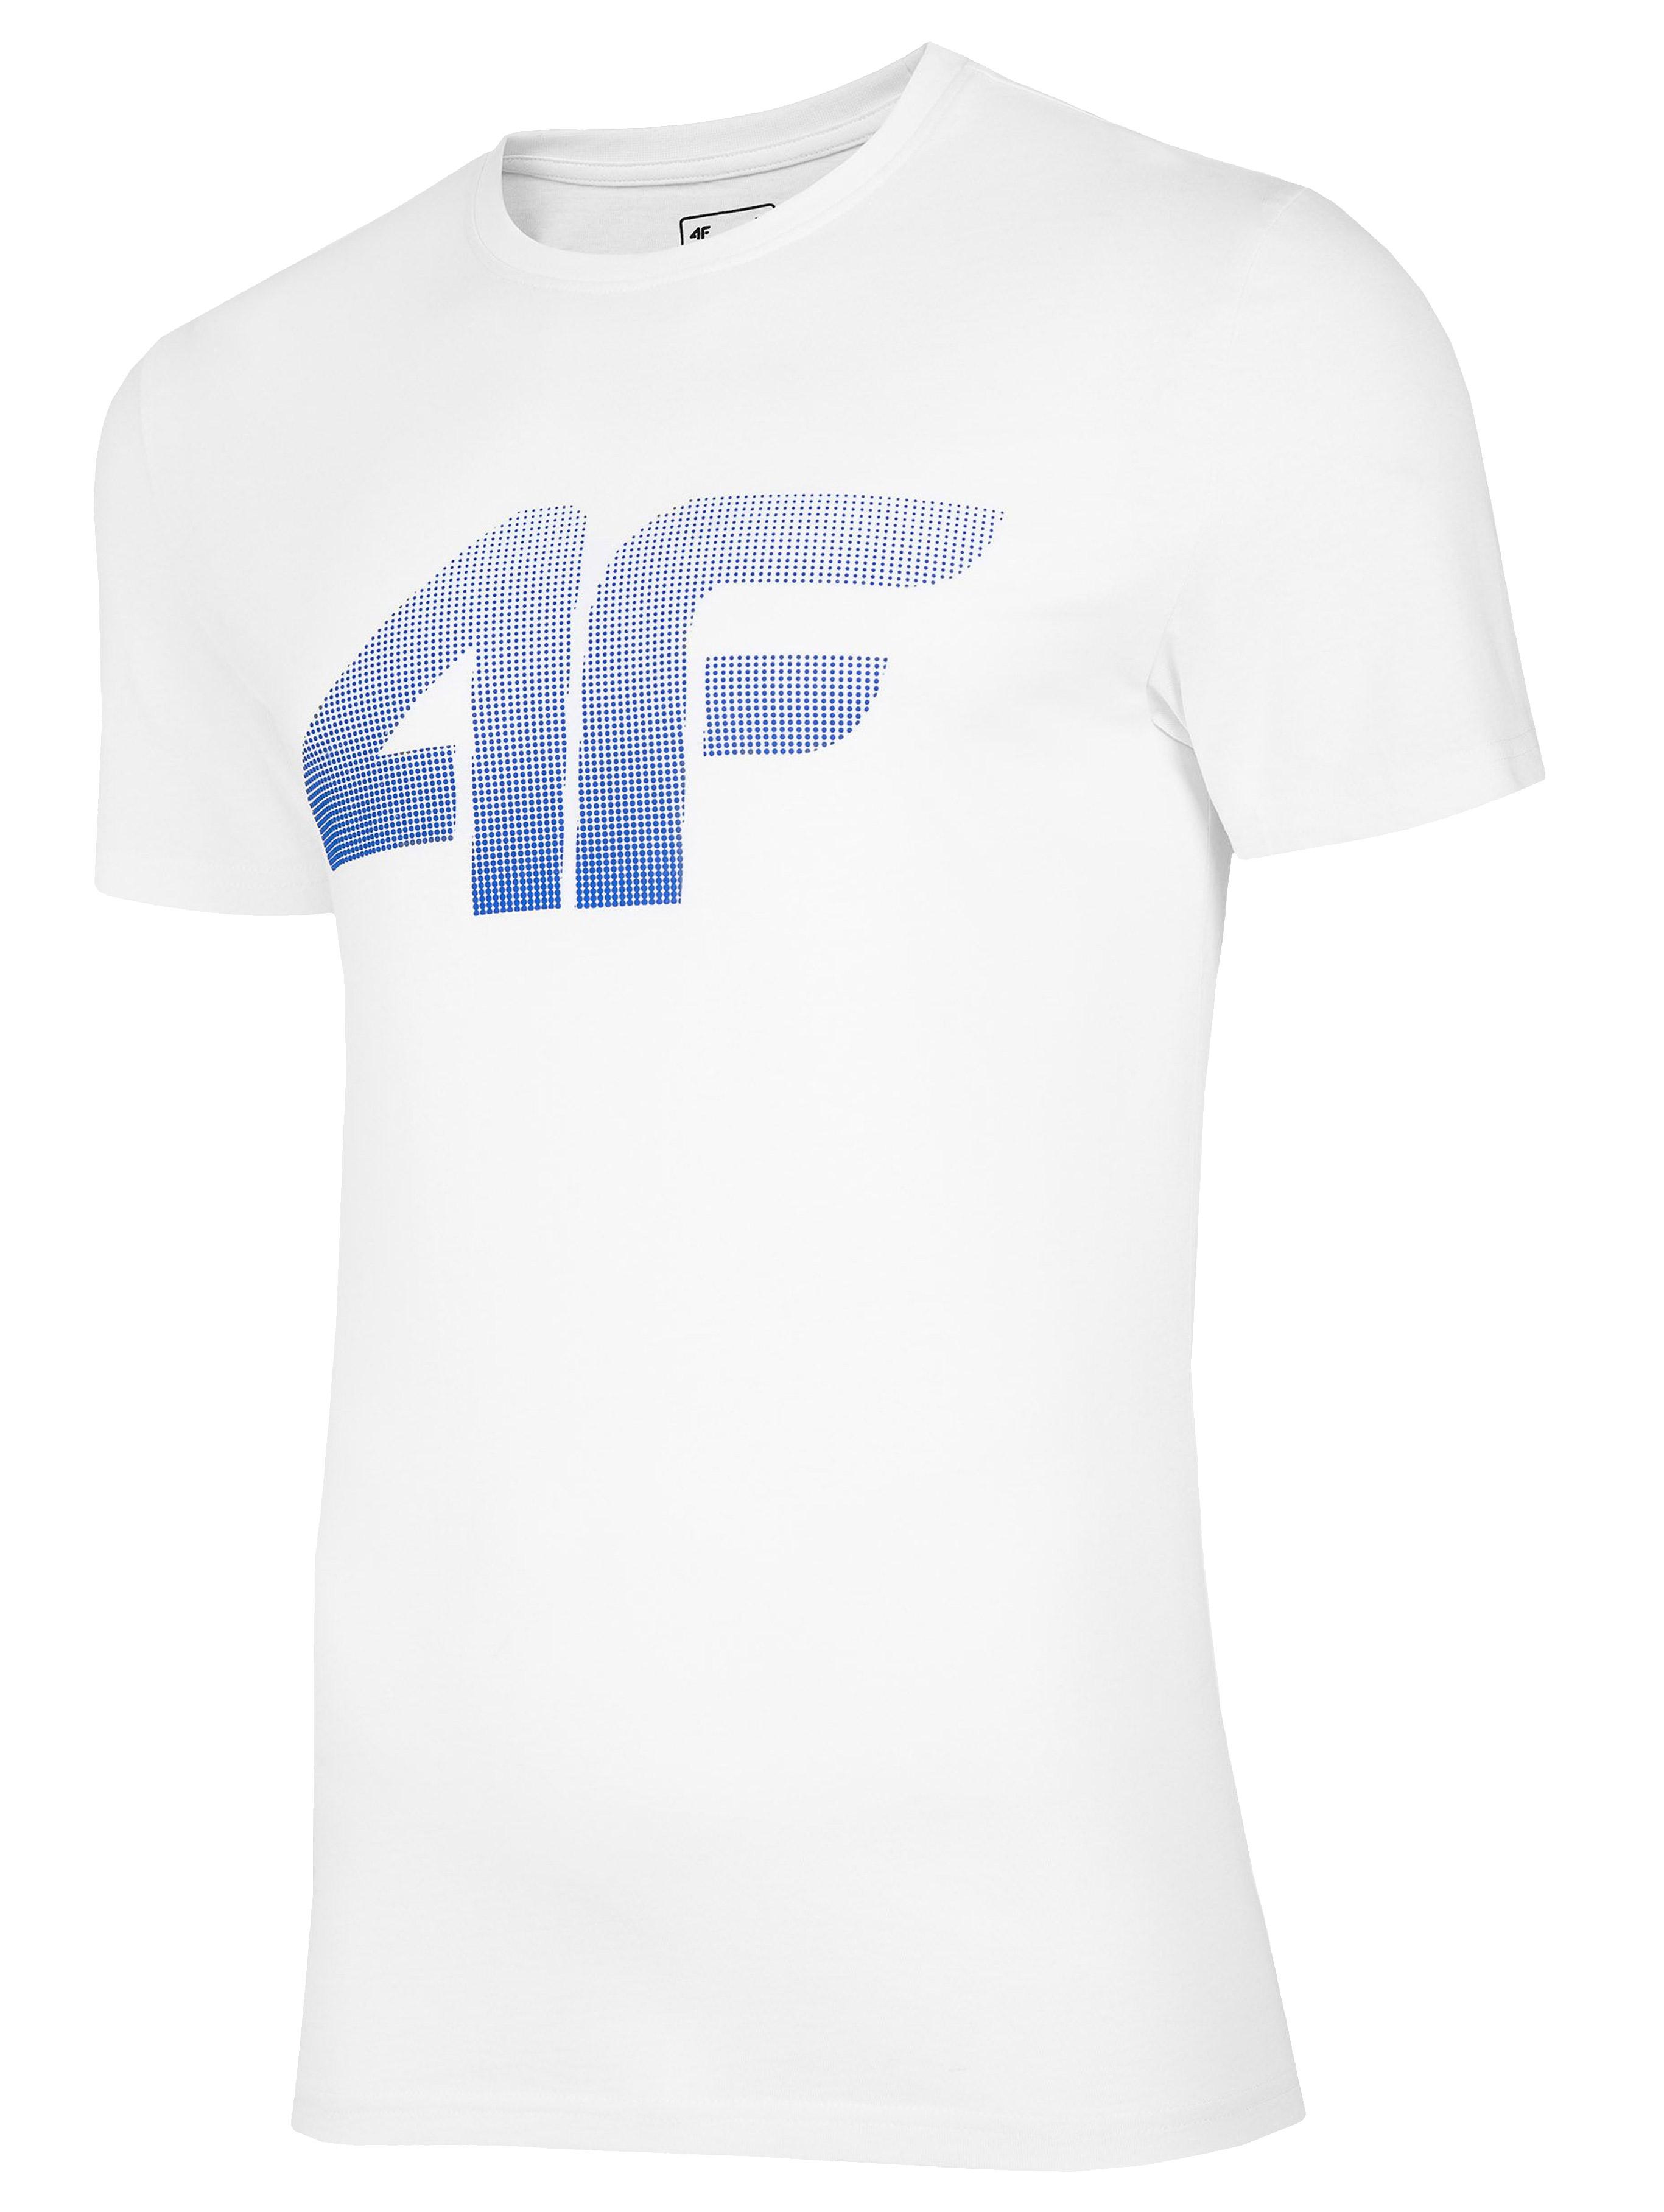 חולצת T פור אף לגברים 4F H4L20 TSM012 - לבן הדפס